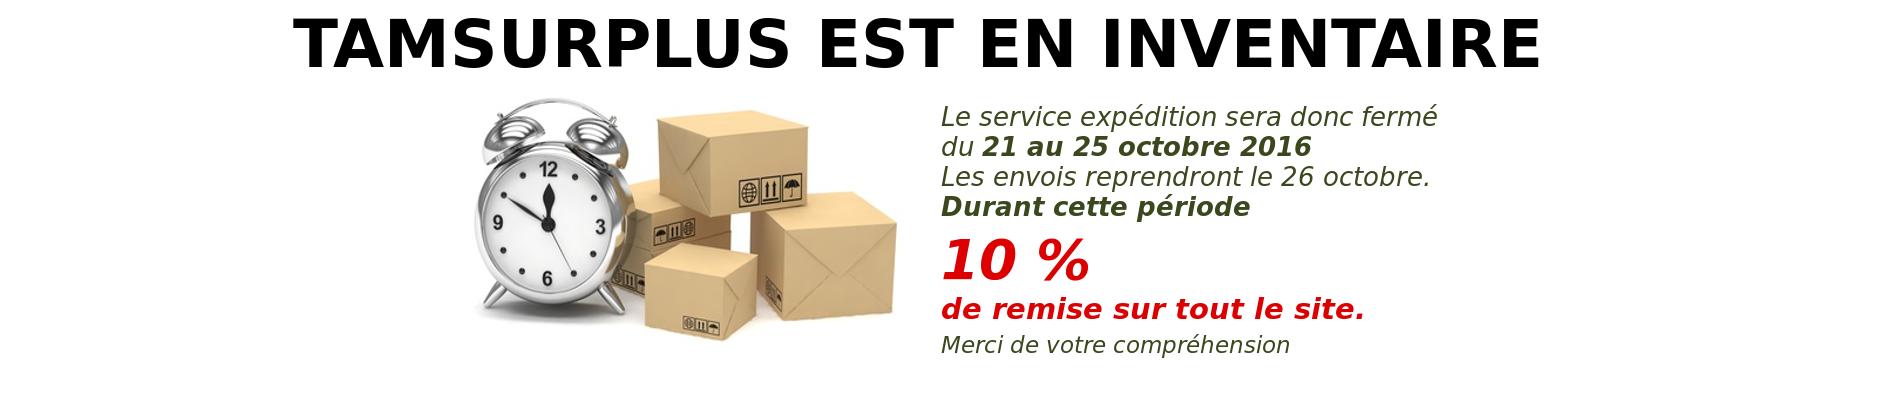 TamSurplus est en inventaire et durant cette période -10% sur tout le site